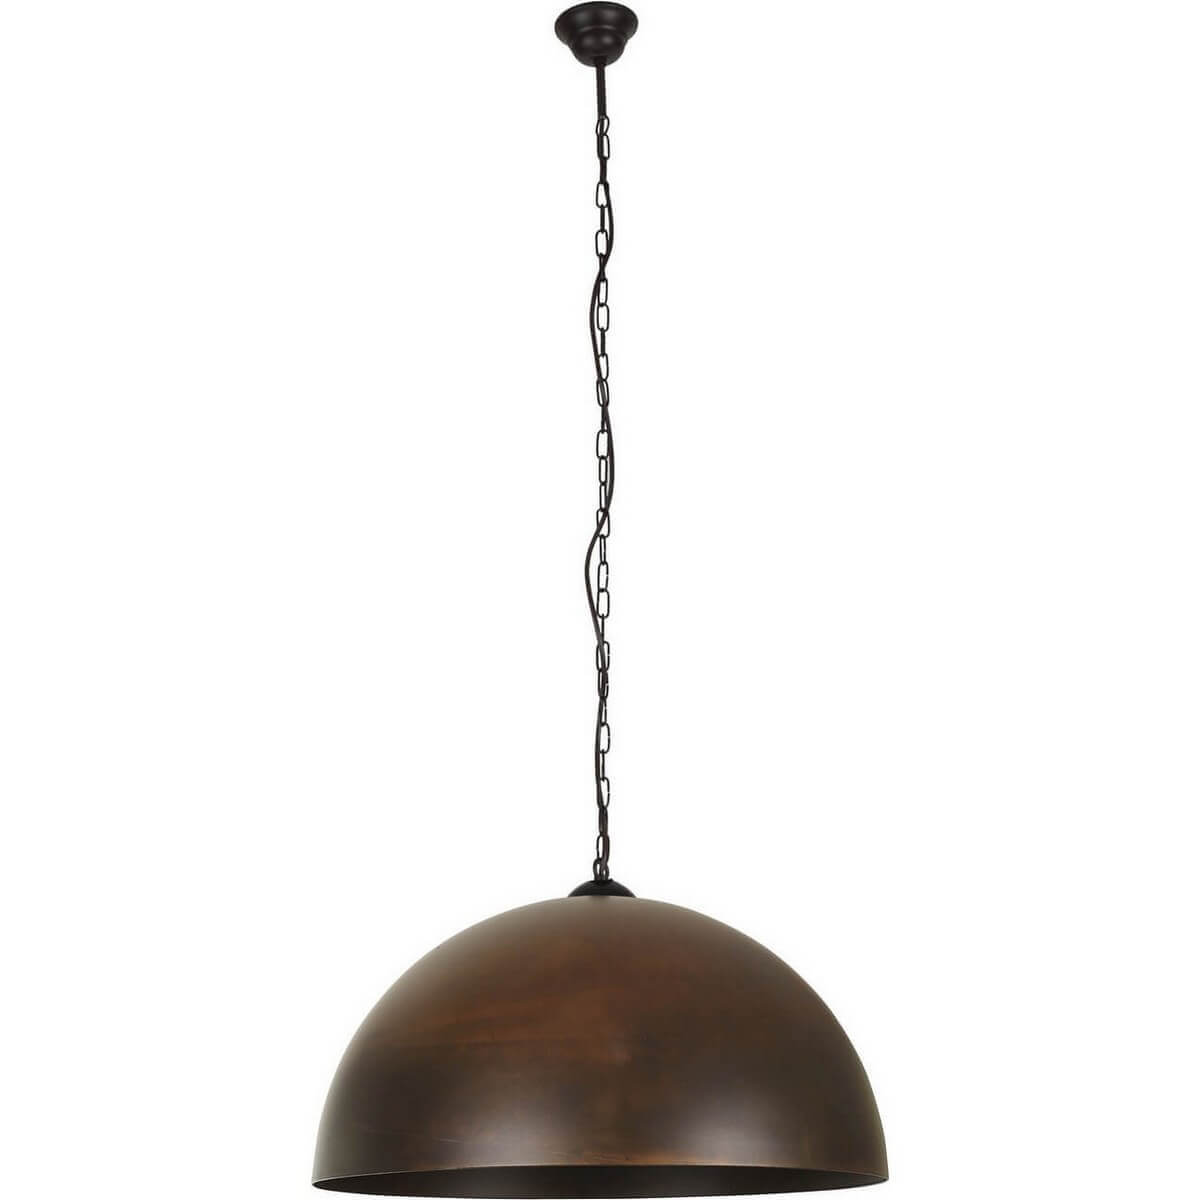 Светильник Nowodvorski 6368 Hemisphere Rust подвесной светильник nowodvorski hemisphere cracks 6371